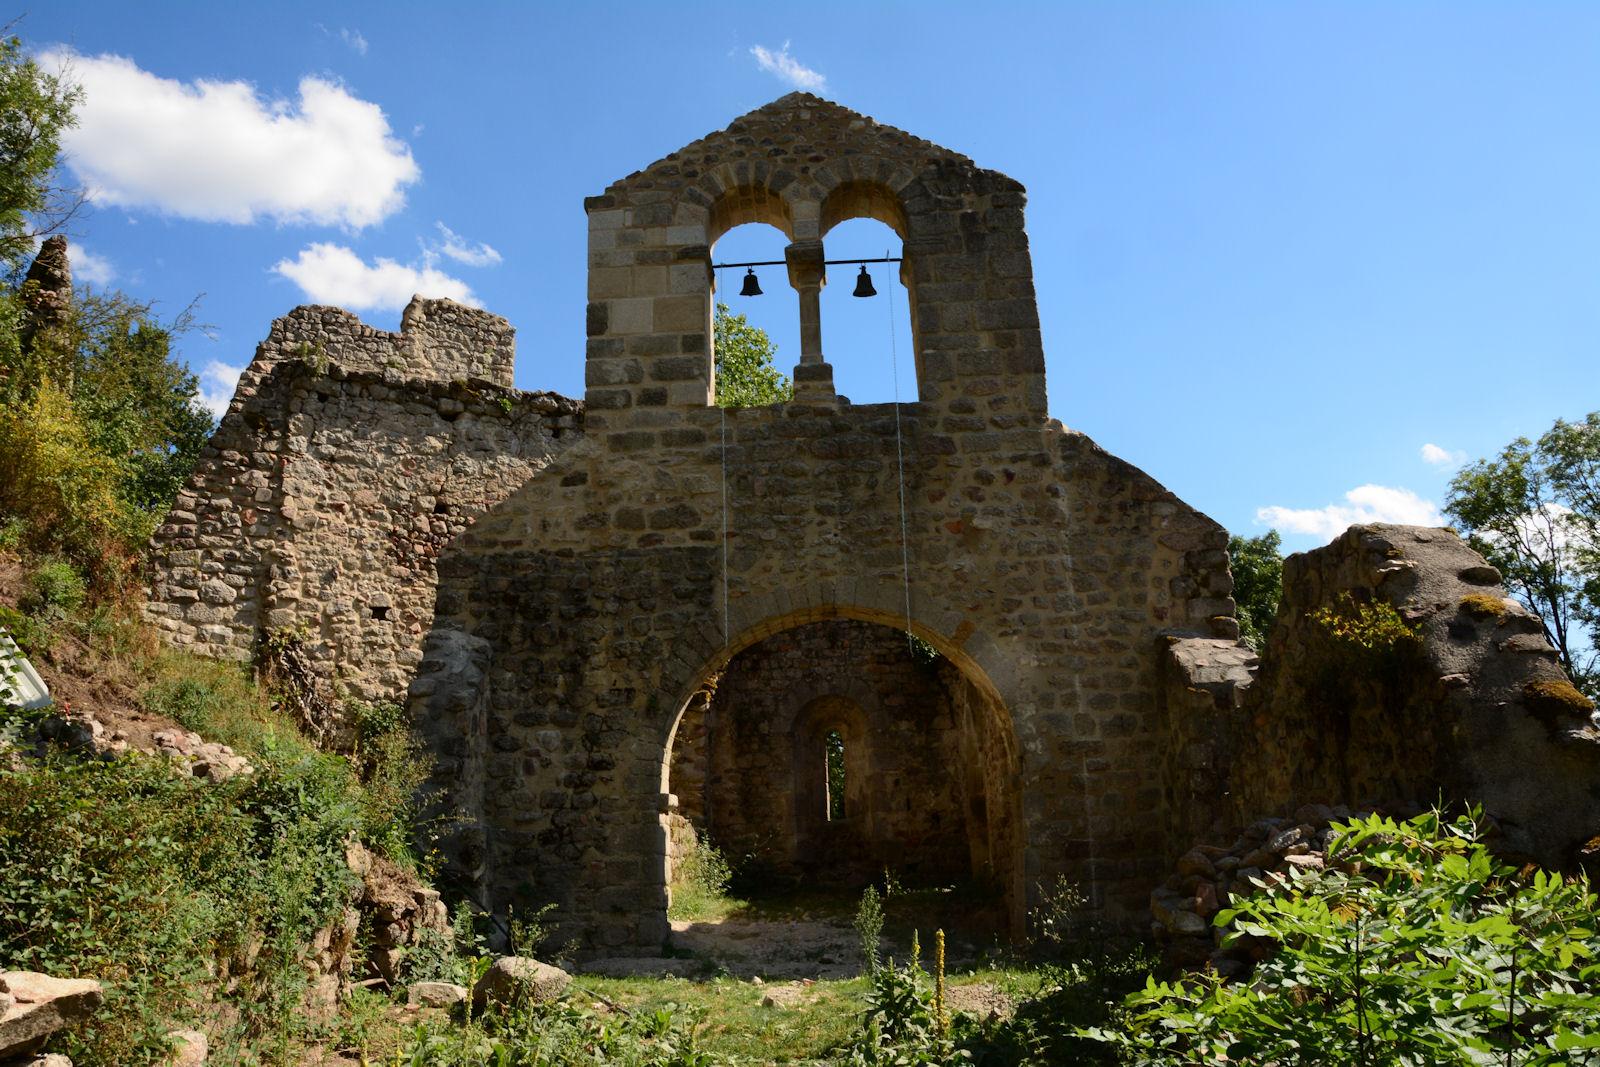 Le clocher de la chapelle Saint Alban est restauré.